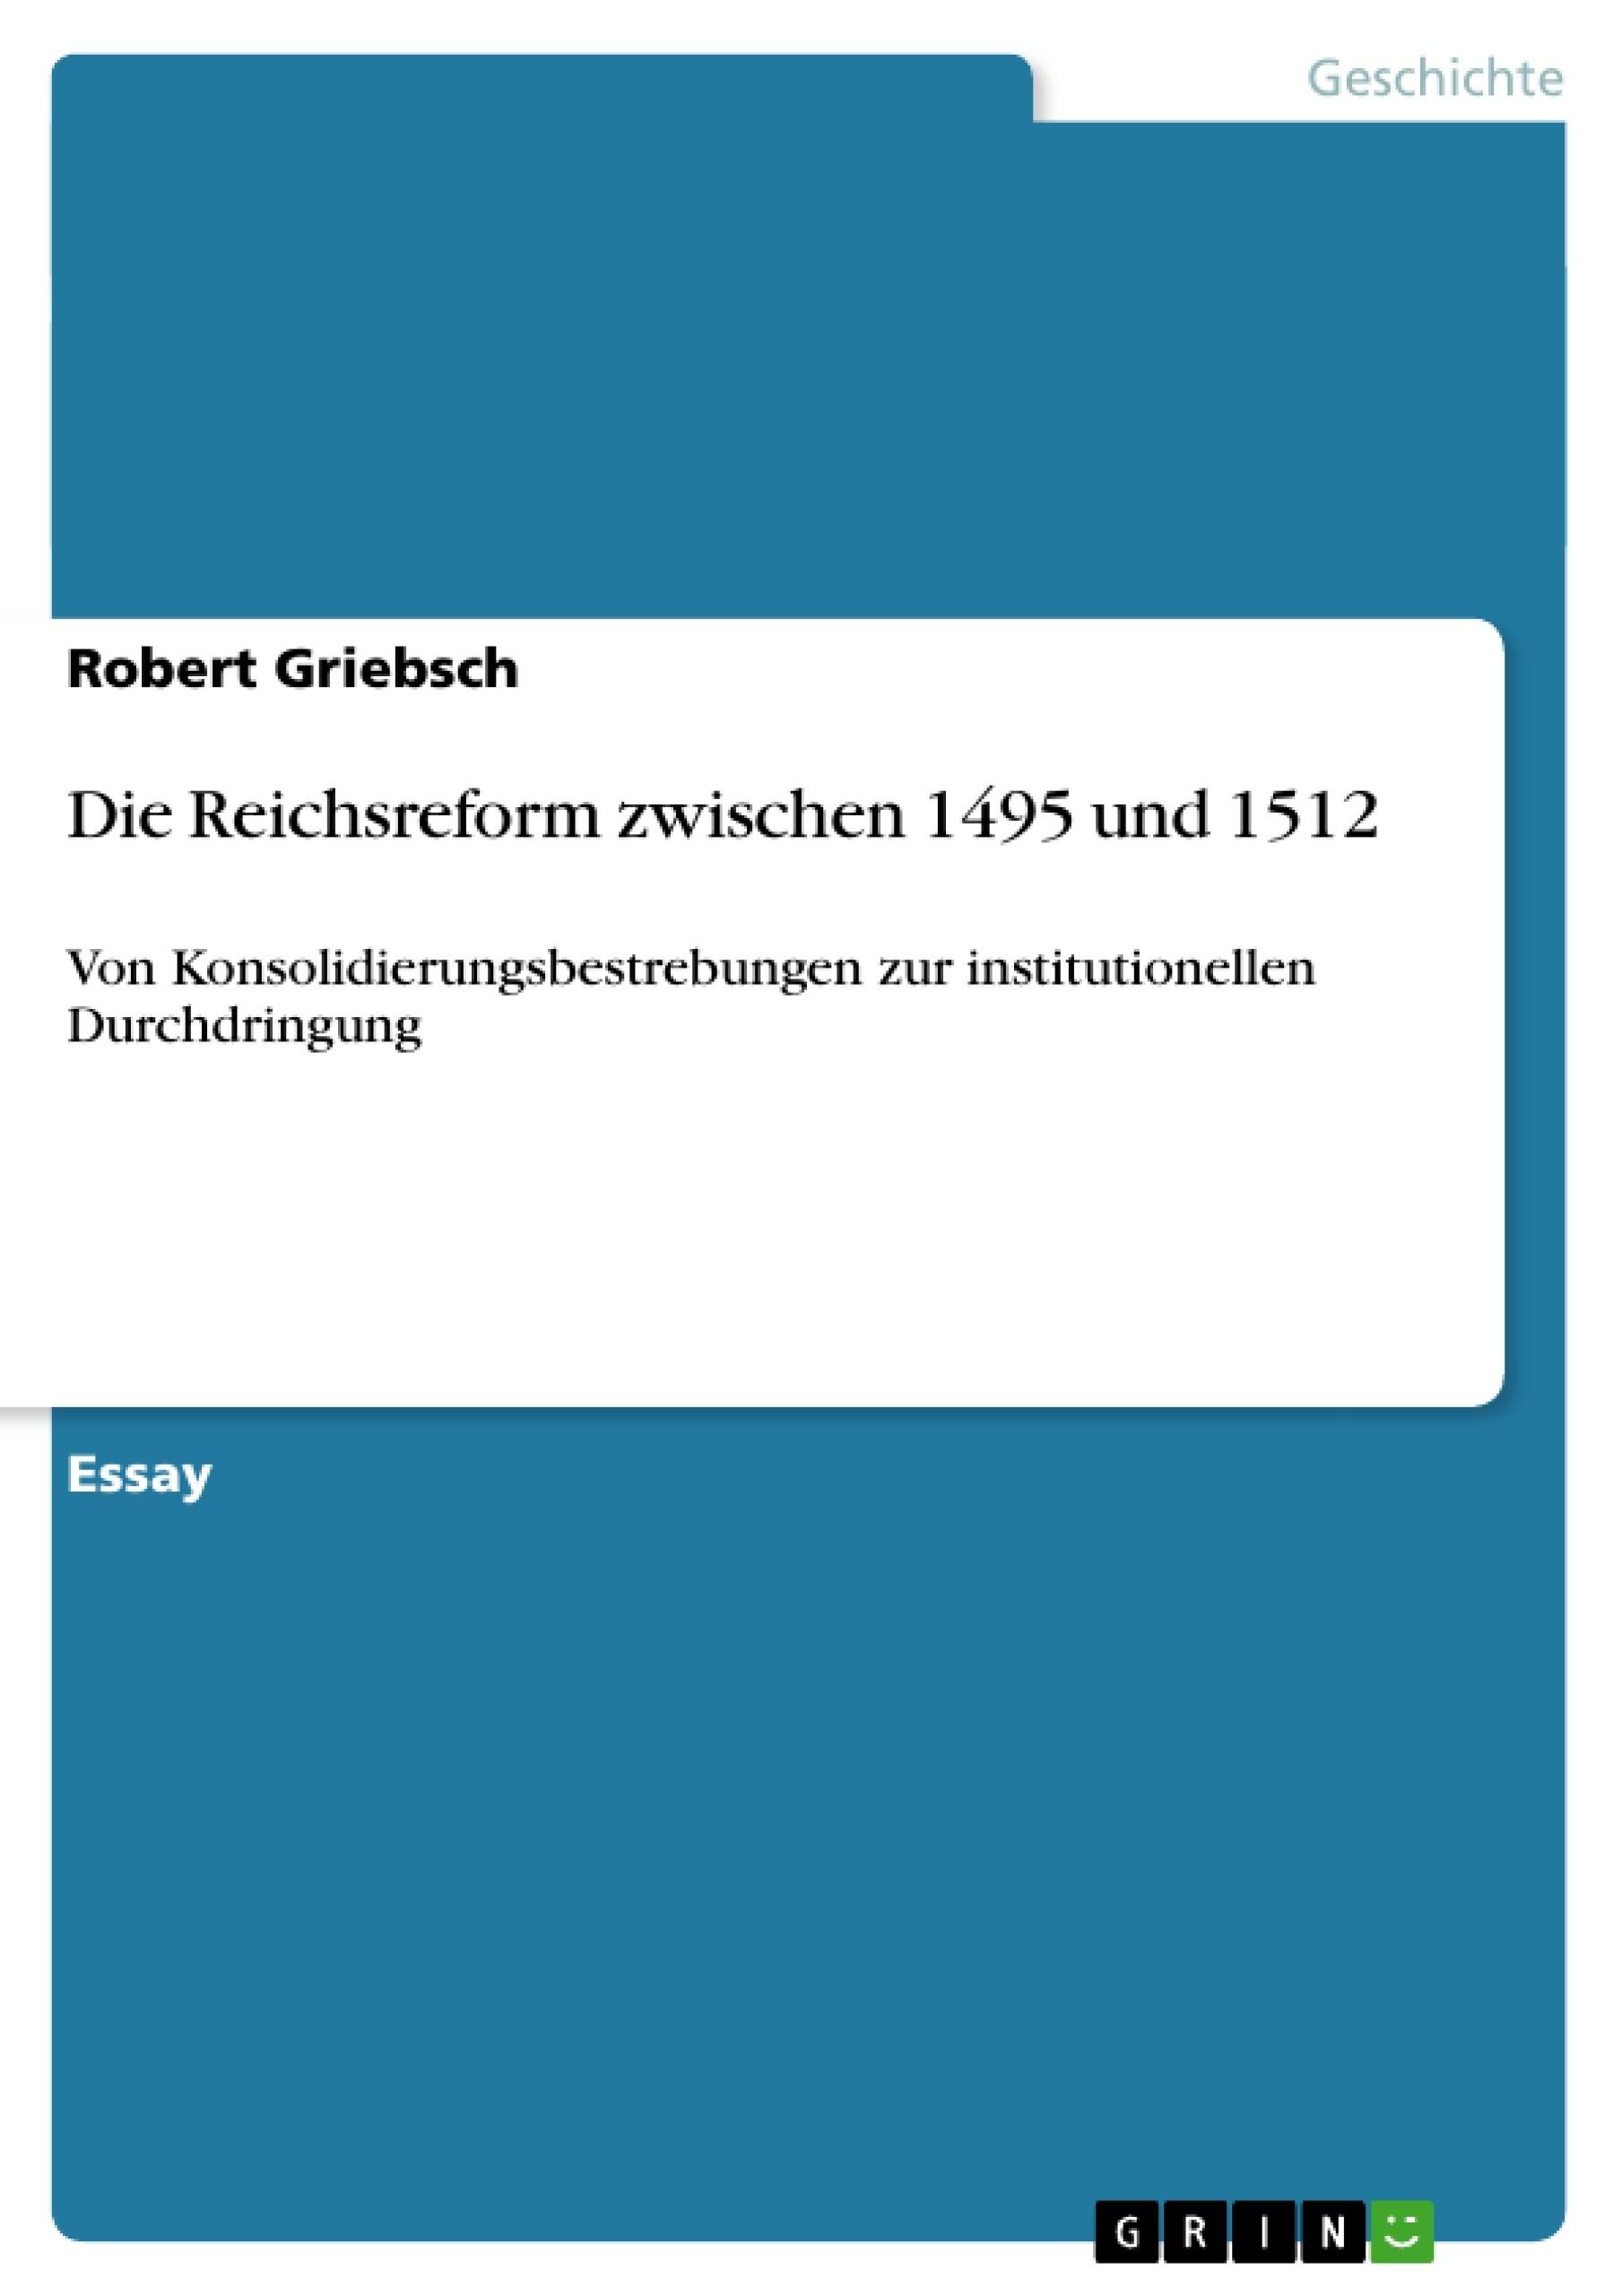 Titel: Die Reichsreform zwischen 1495 und 1512